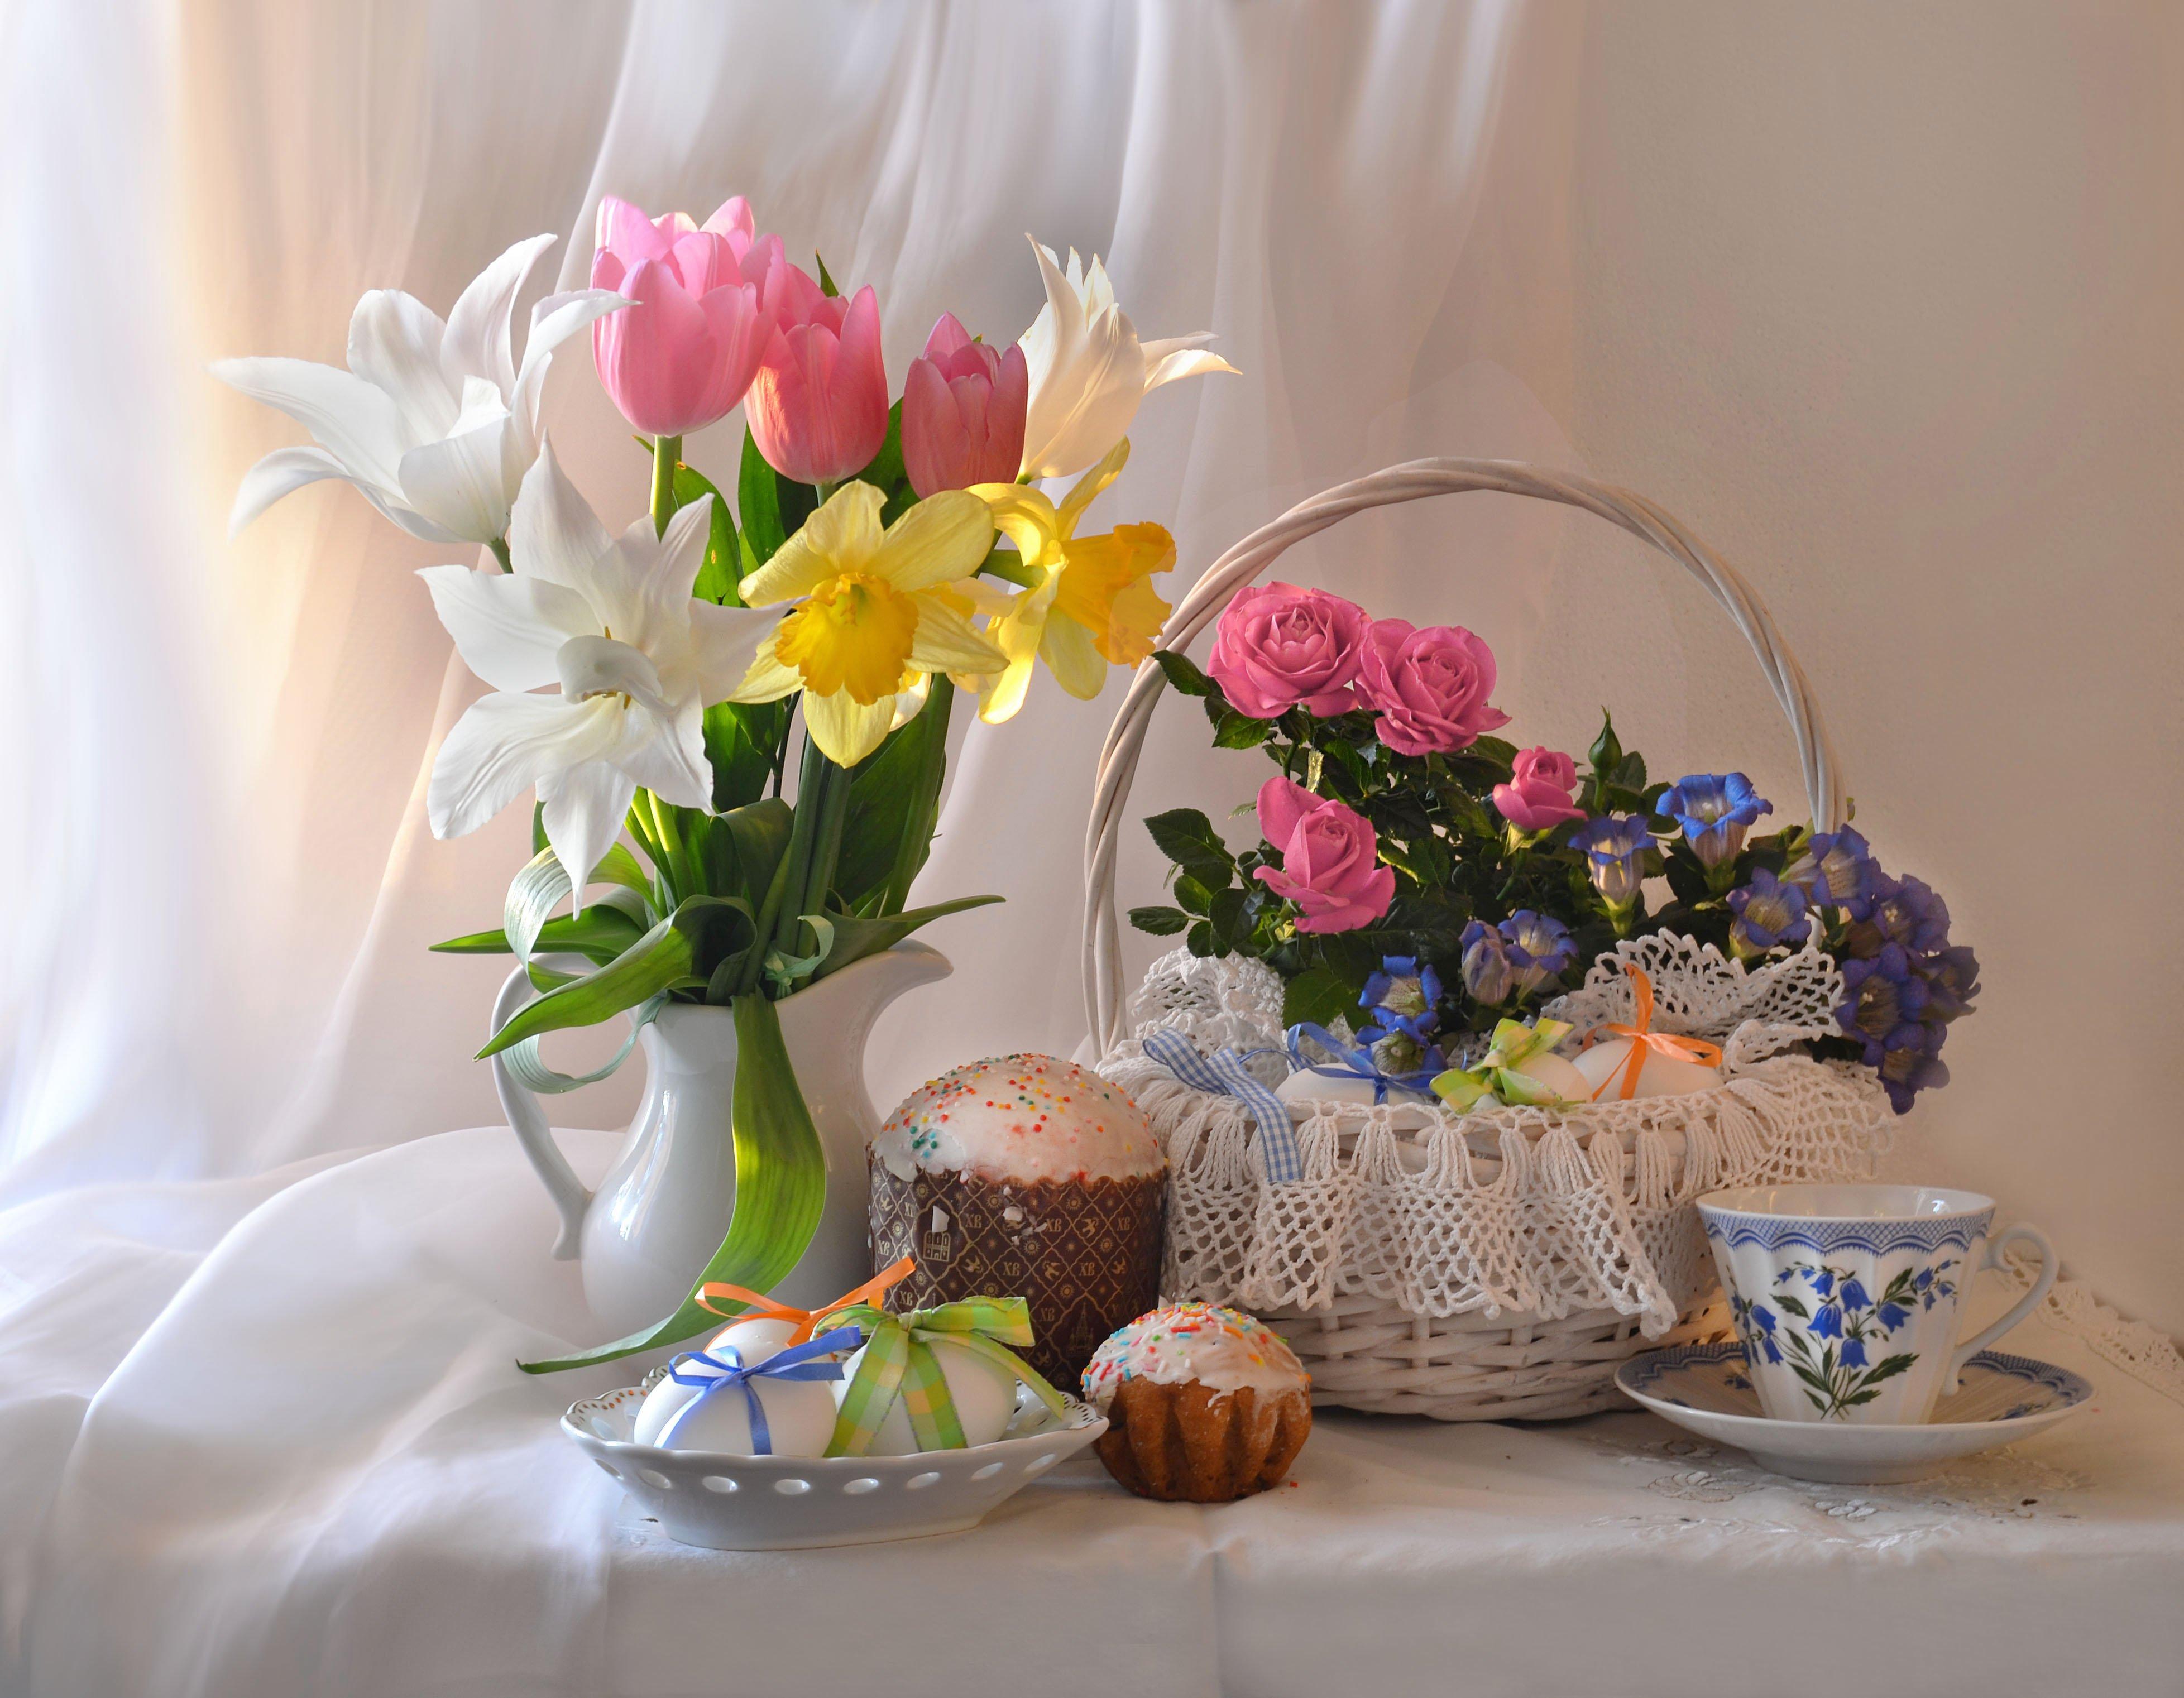 still life, натюрморт, цветы, фото натюрморт, пасхальная неделя, пасха, настроение, куличи, к светлому дню, весна, апрель, Колова Валентина